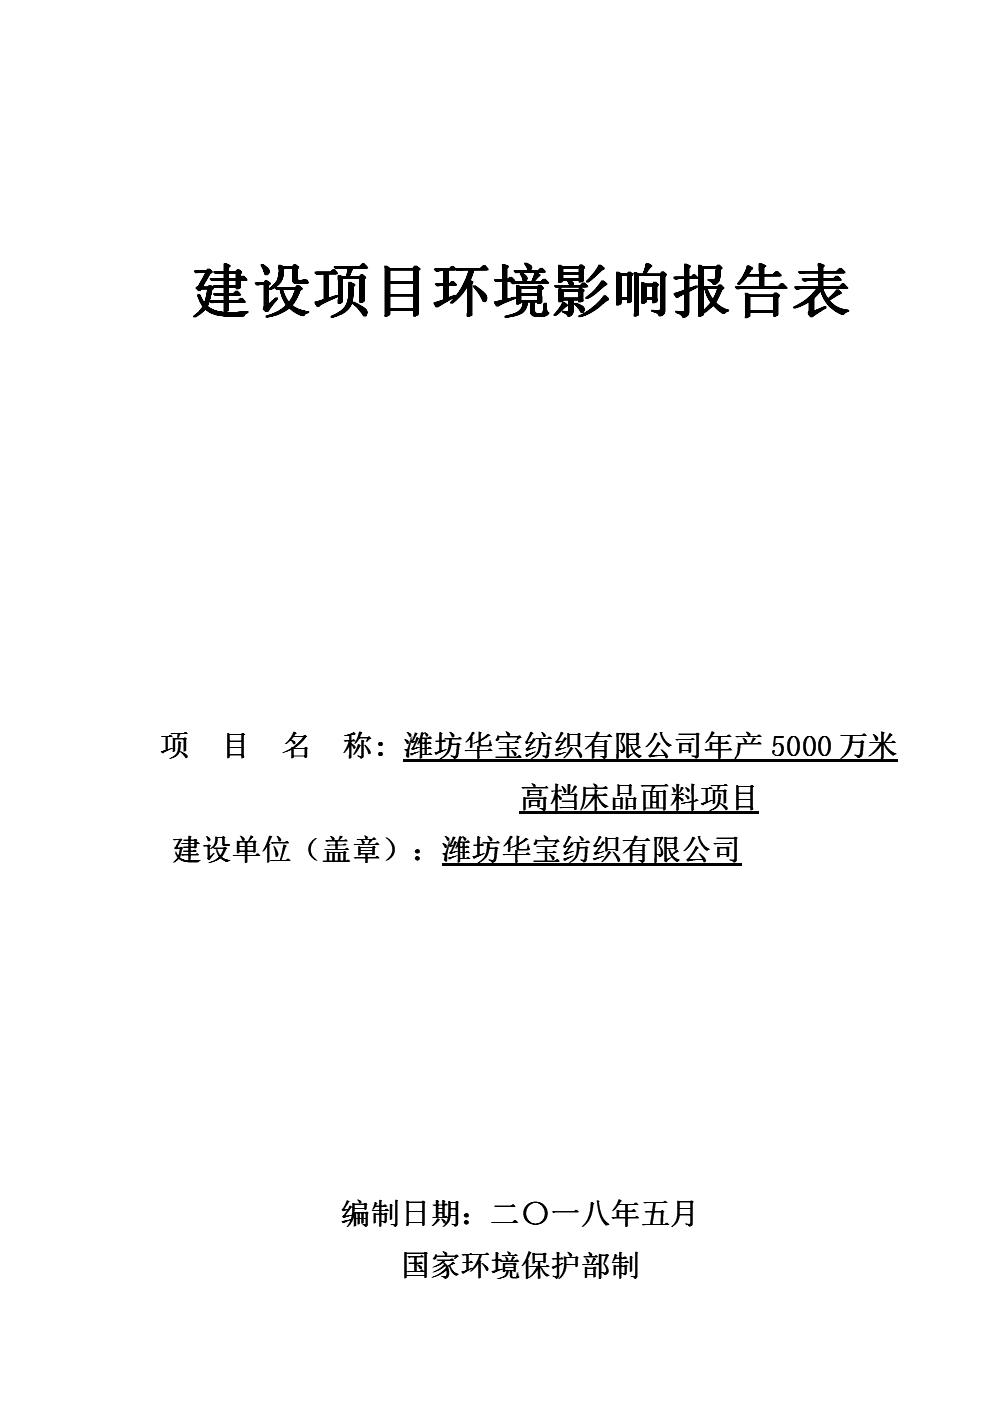 年产5000万米高档床品面料项目环境影响报告表.doc